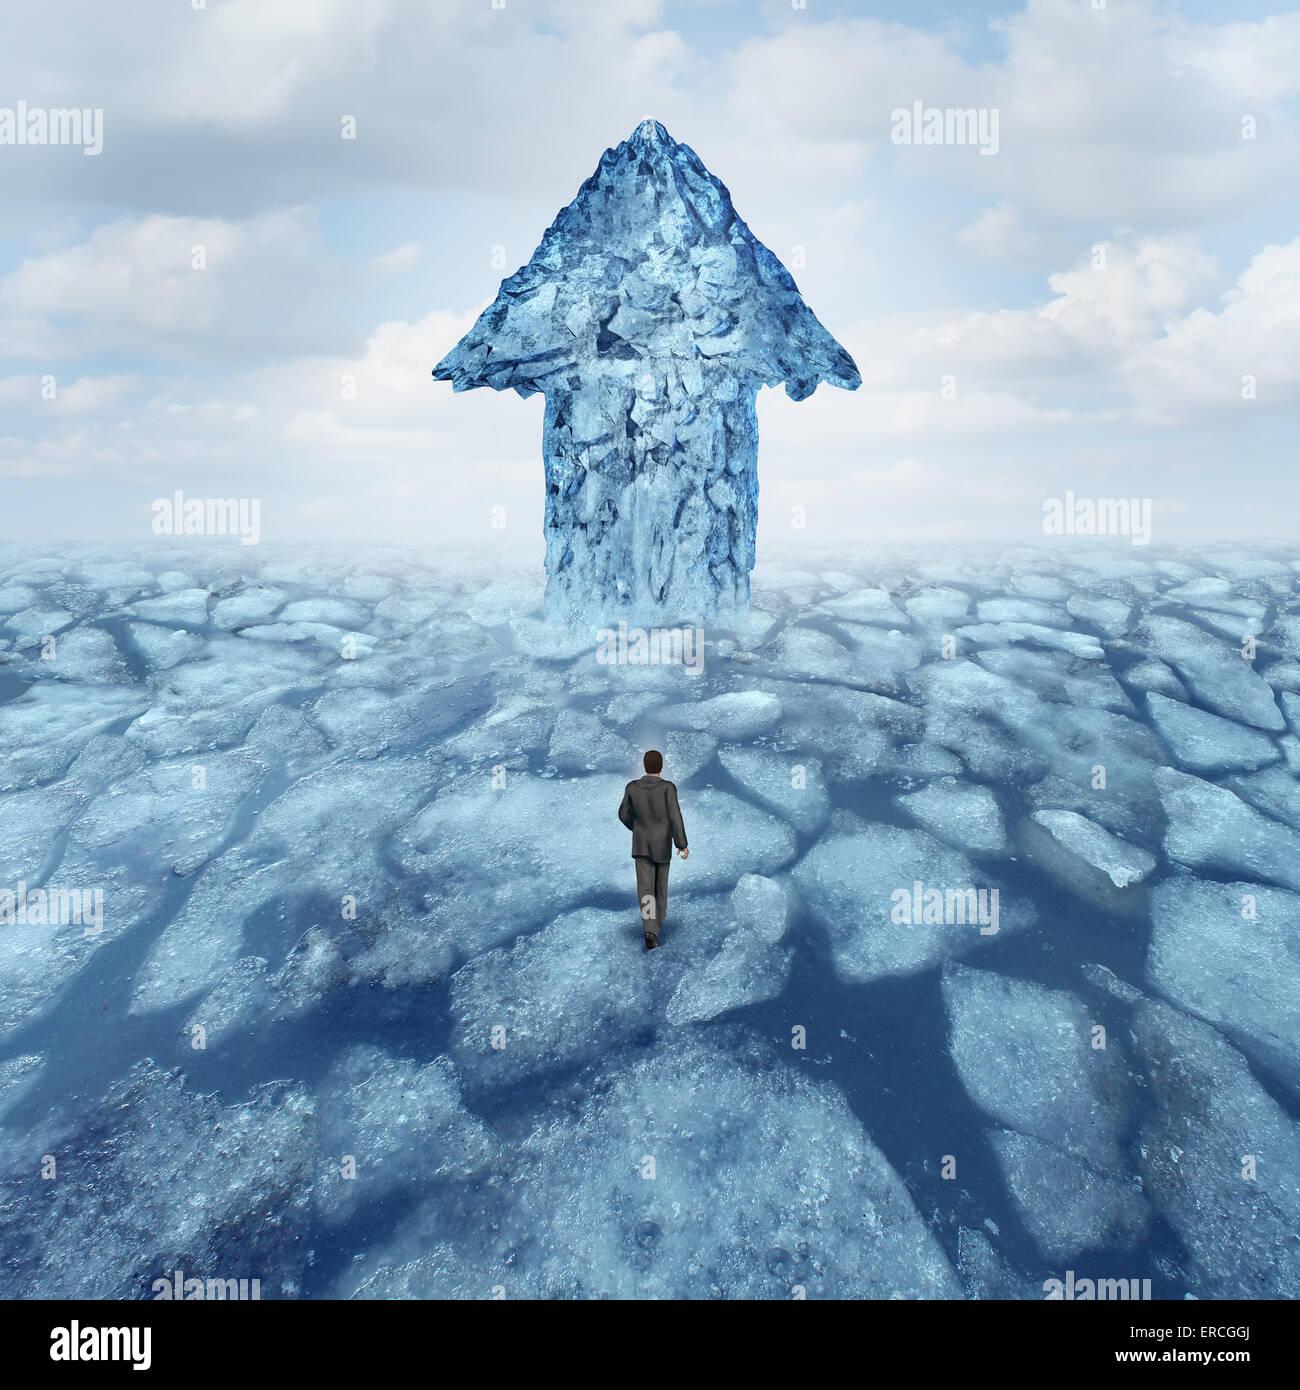 Voyage de succès concept comme un businessman walking on broken glace congelée avec un iceberg en forme Photo Stock